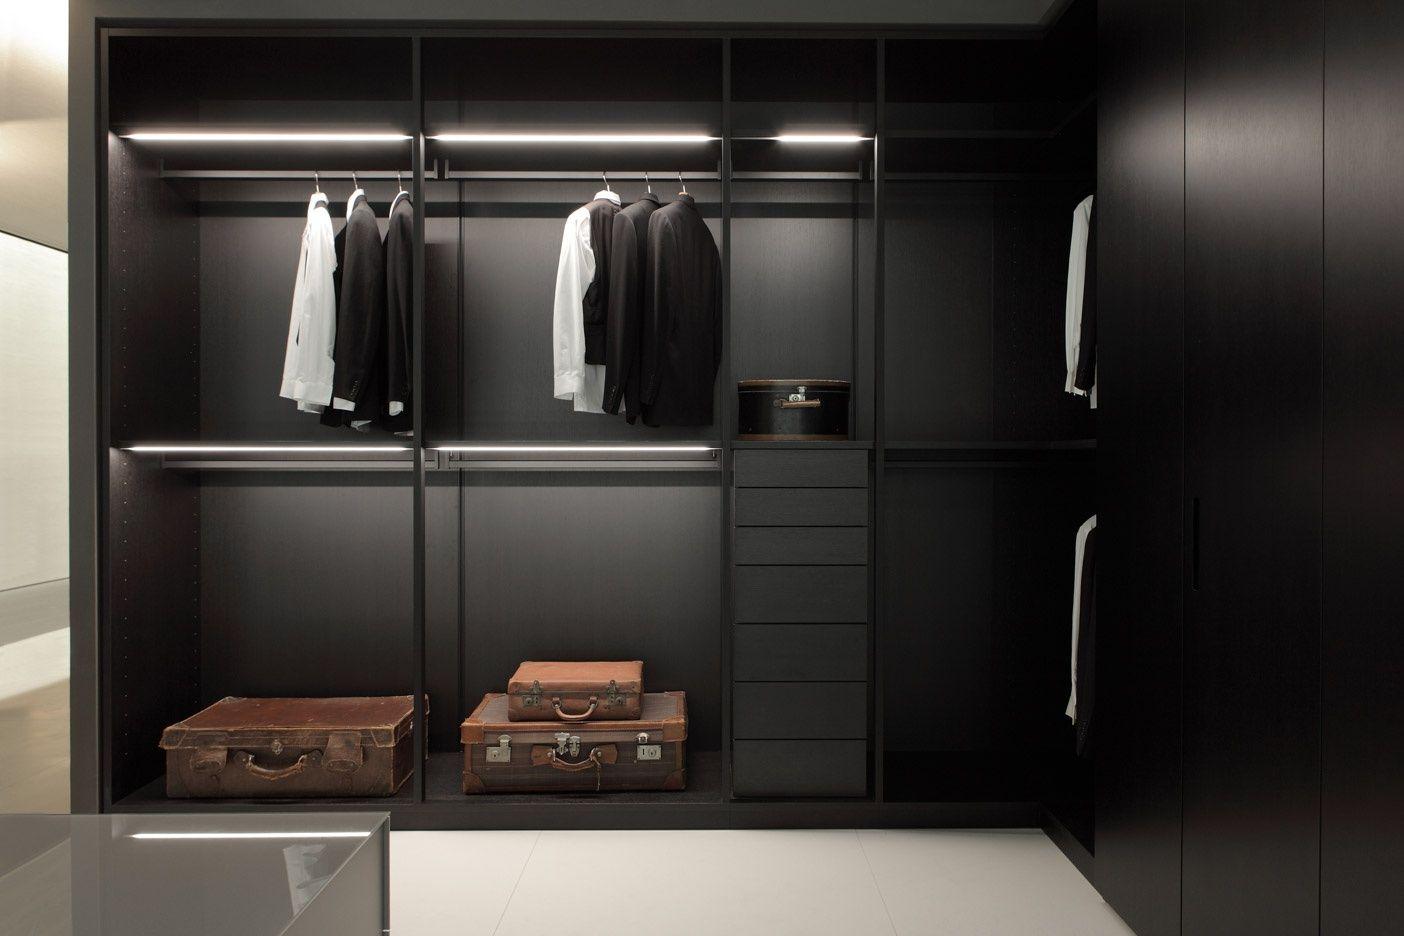 Moduli a giorno design by piero lissoni porro spa for Armoire salon design